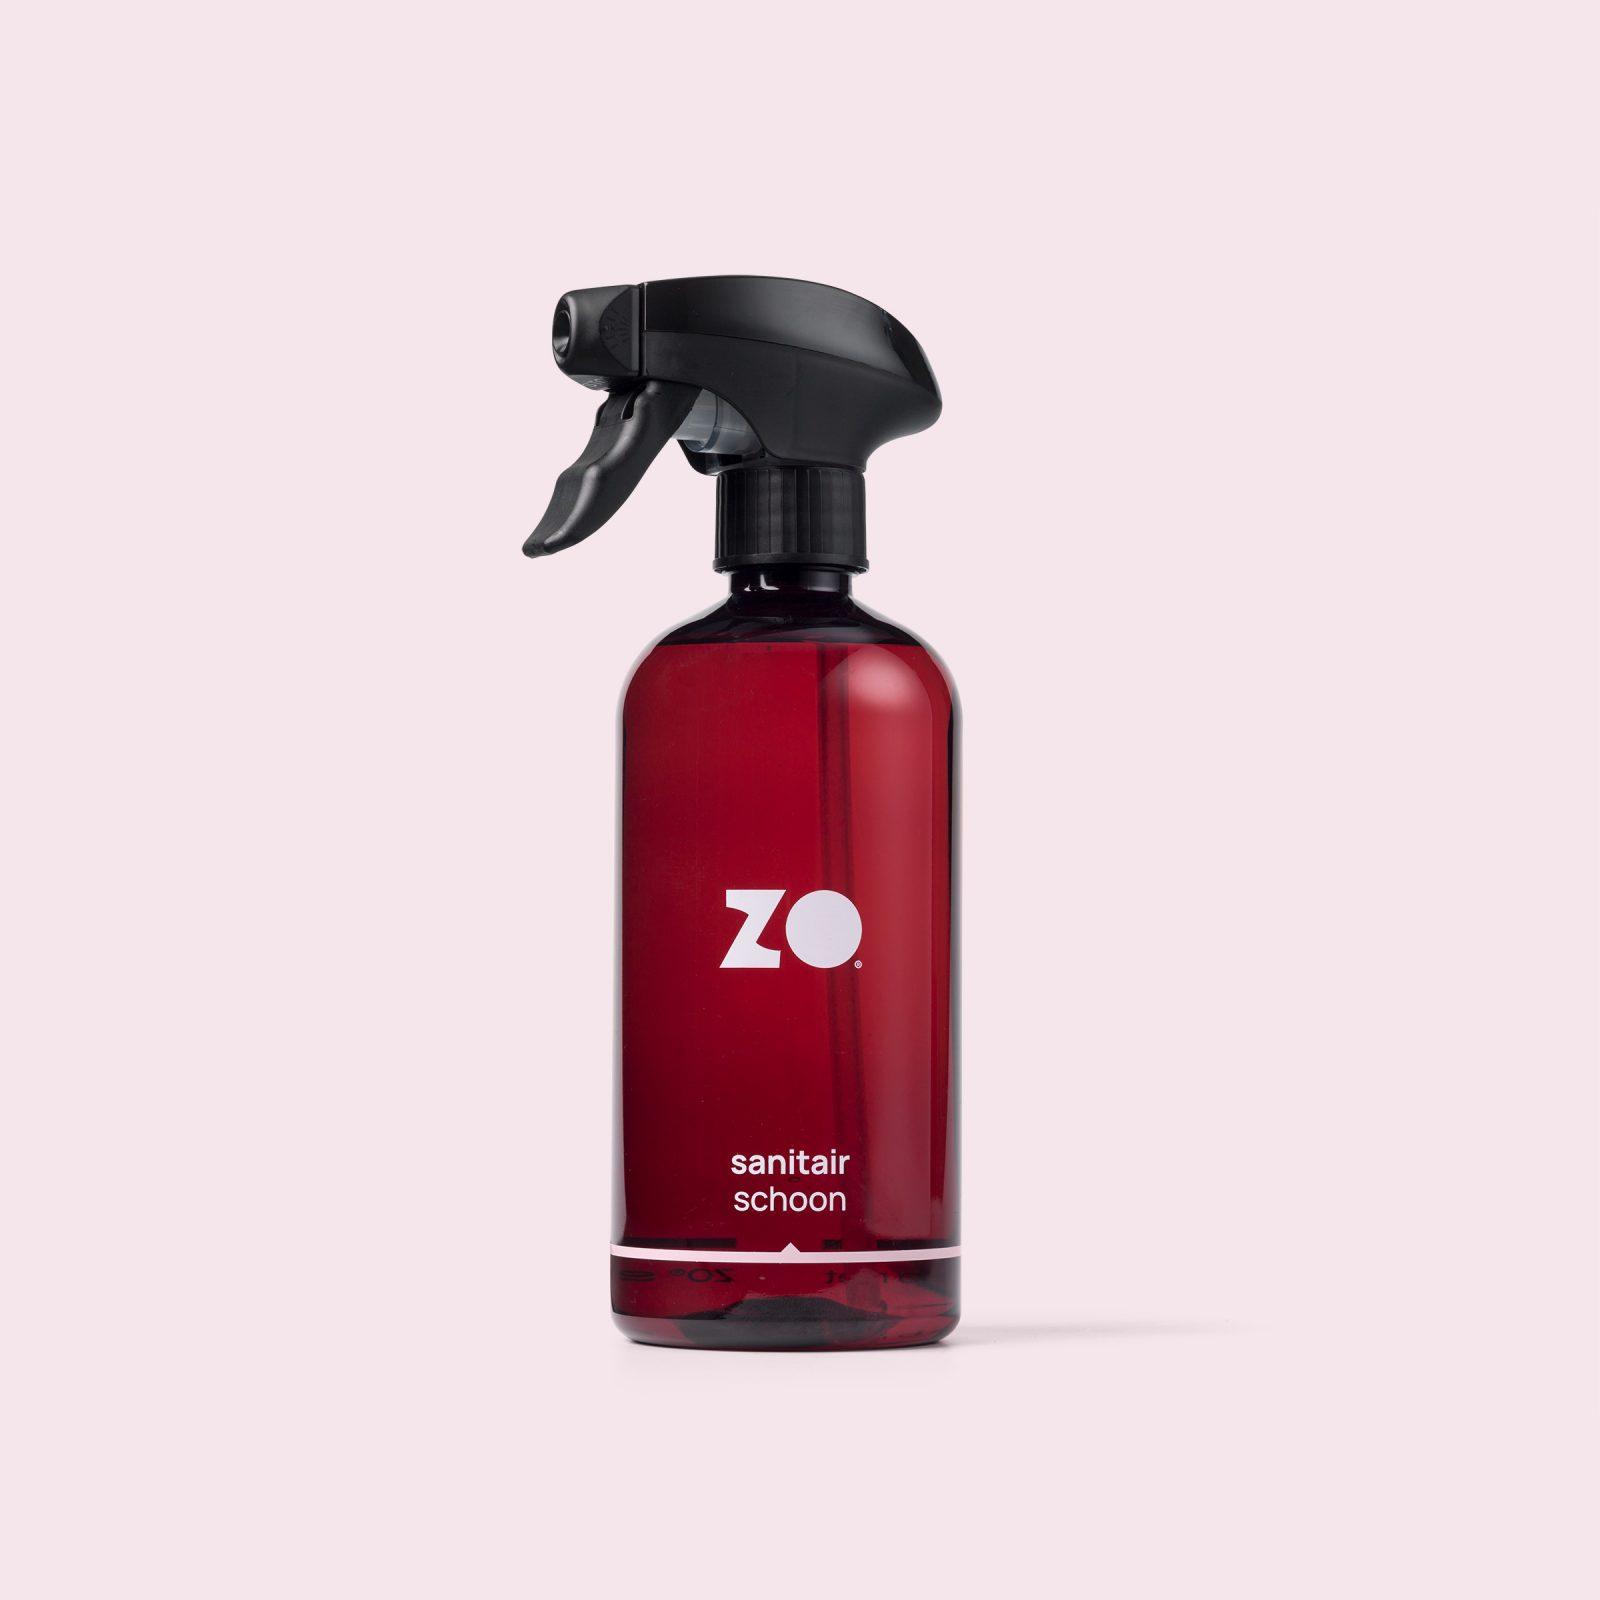 ZO sanitair sprayer